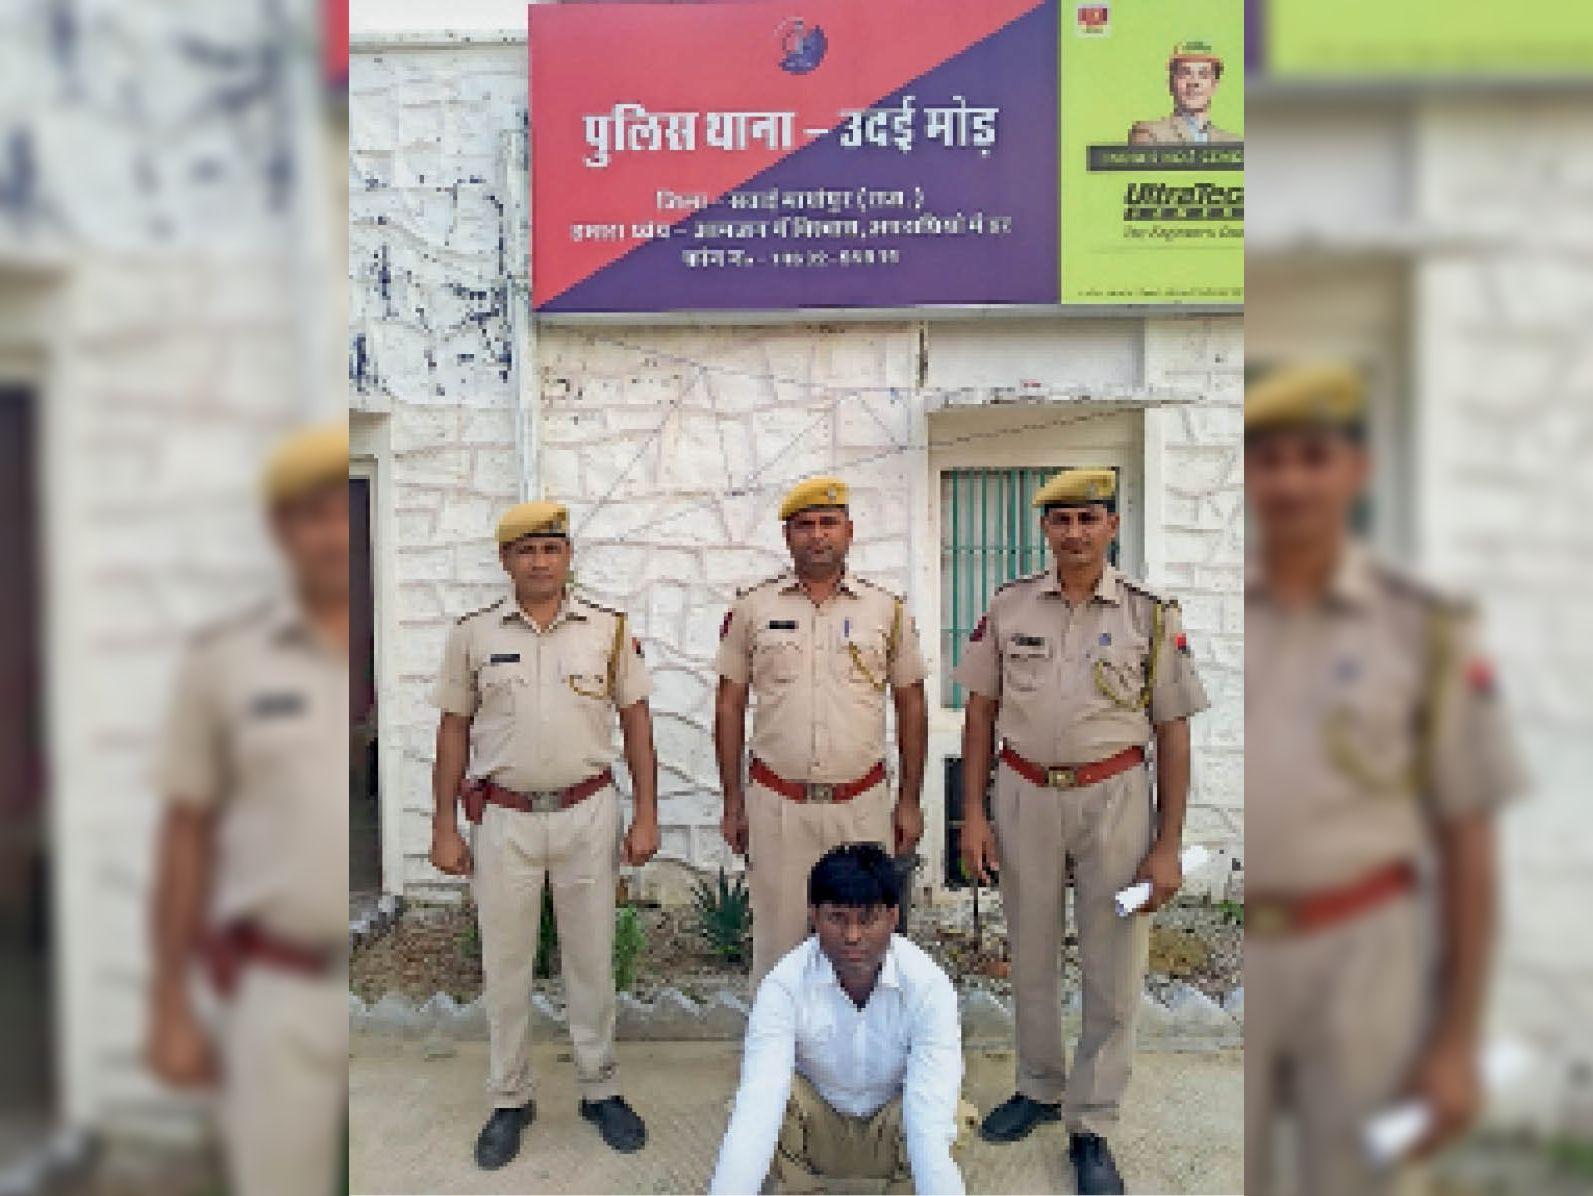 फर्जी पेपर बेचने वाले गिरोह का सदस्य पकड़ा, प्रत्येक पर्चा 15 लाख में बेच रहा था, 4 करोड़ के लेनदेन का हिसाब मिला सवाई माधोपुर,Sawai Madhopur - Dainik Bhaskar